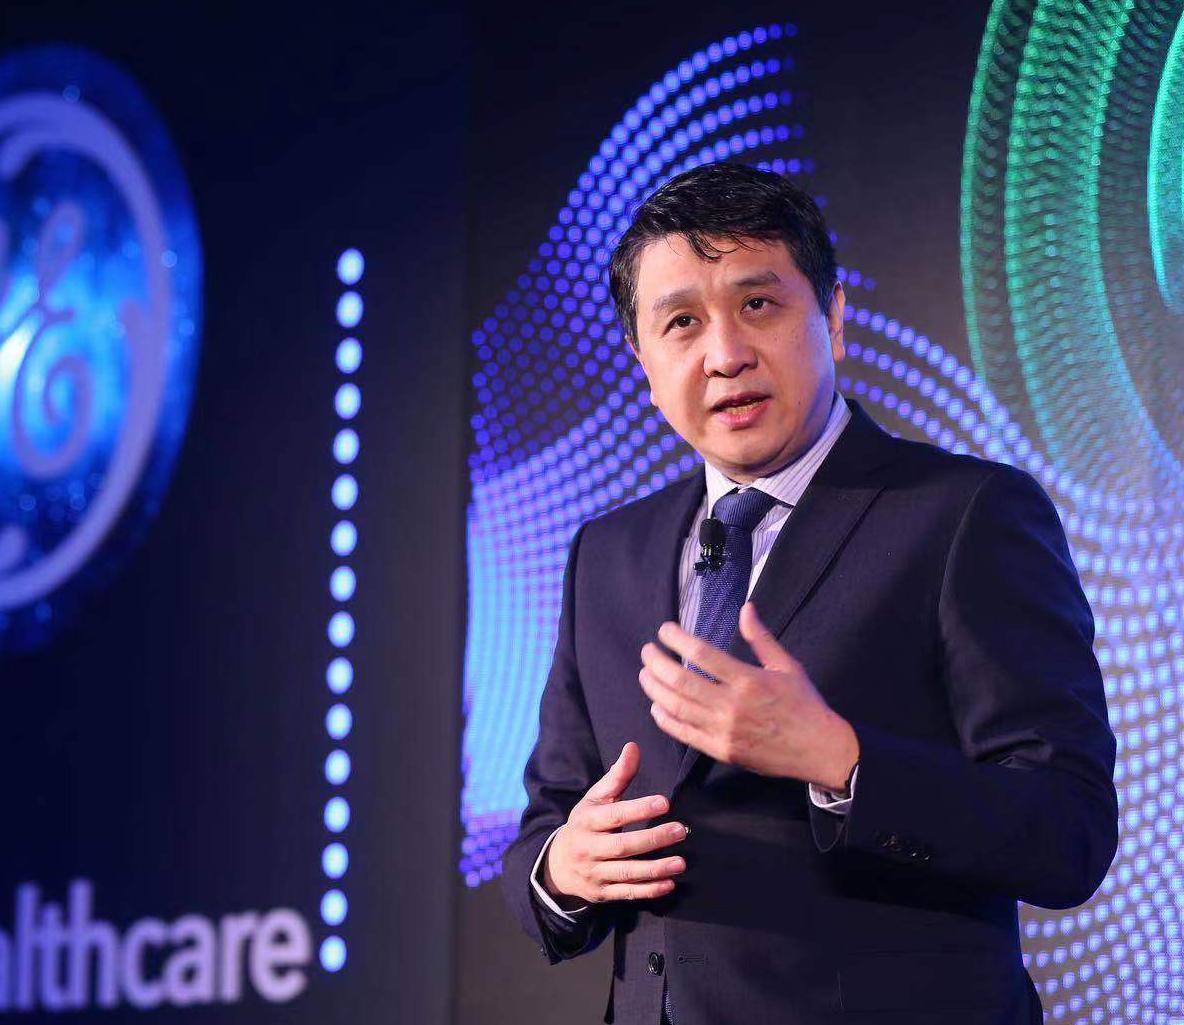 GE医疗中国总裁张轶昊:用Edison平台打造医疗数字生态